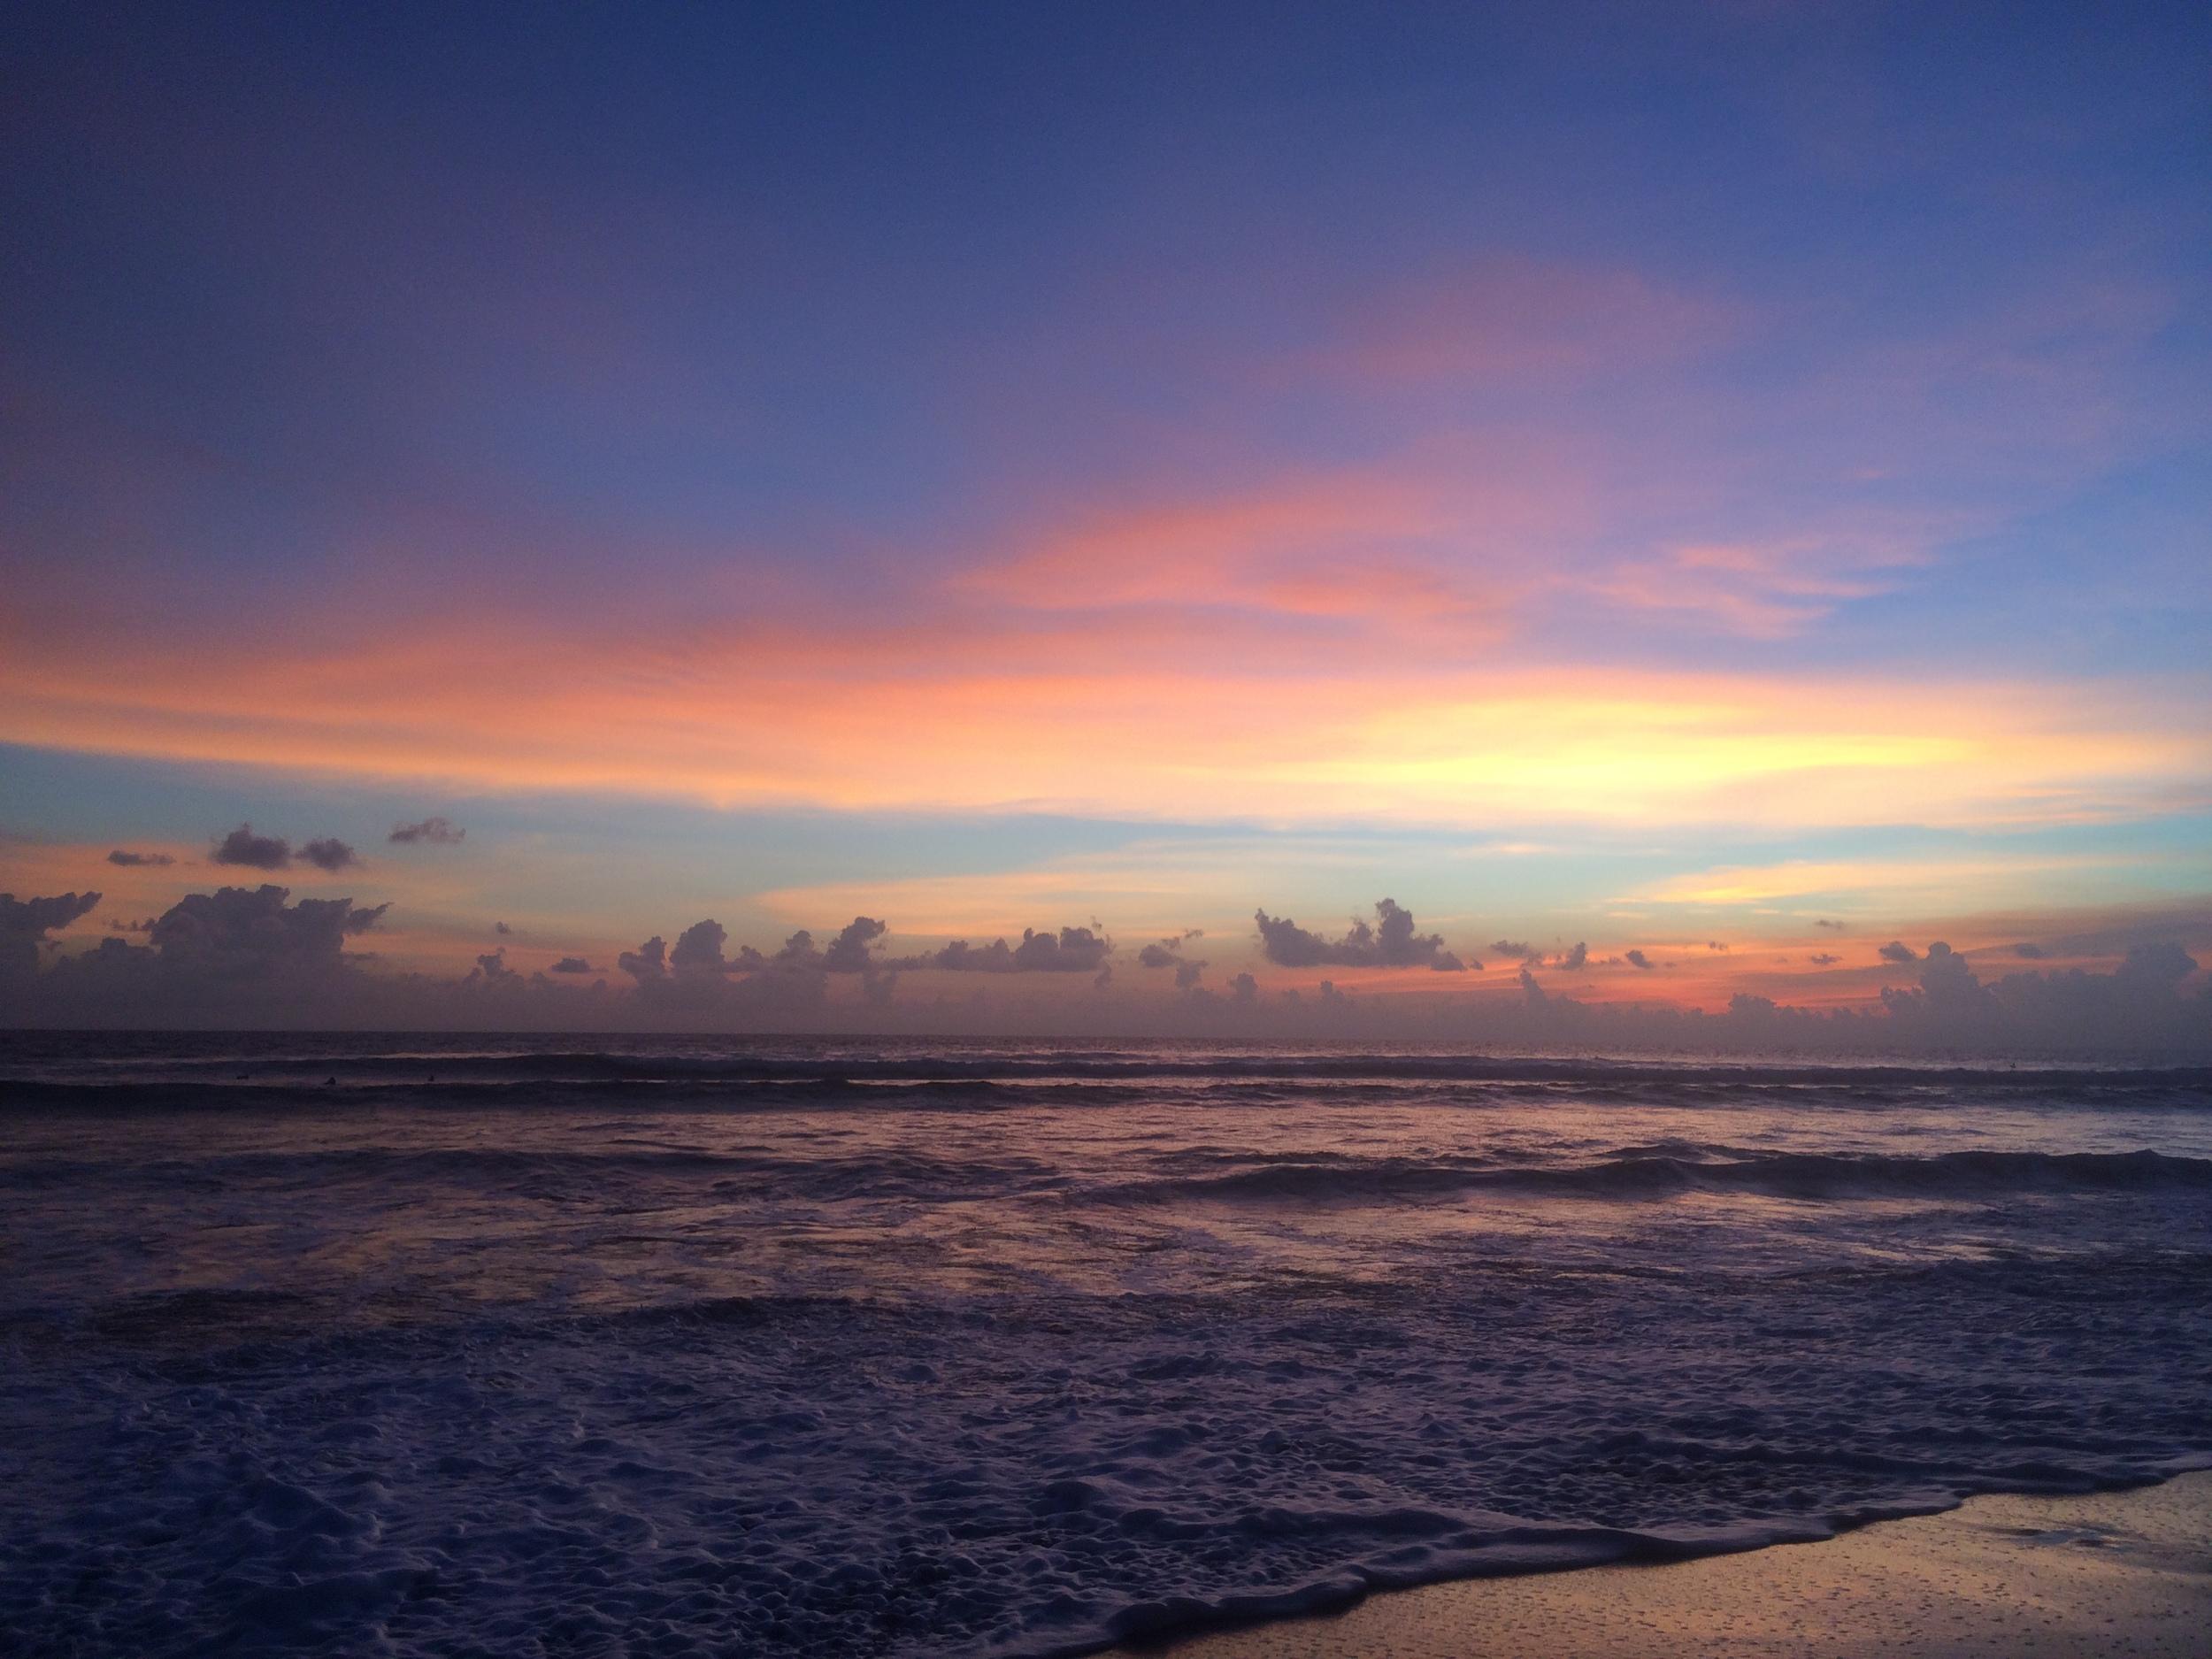 A typical beautiful sunset on the coast of Canggu, Bali